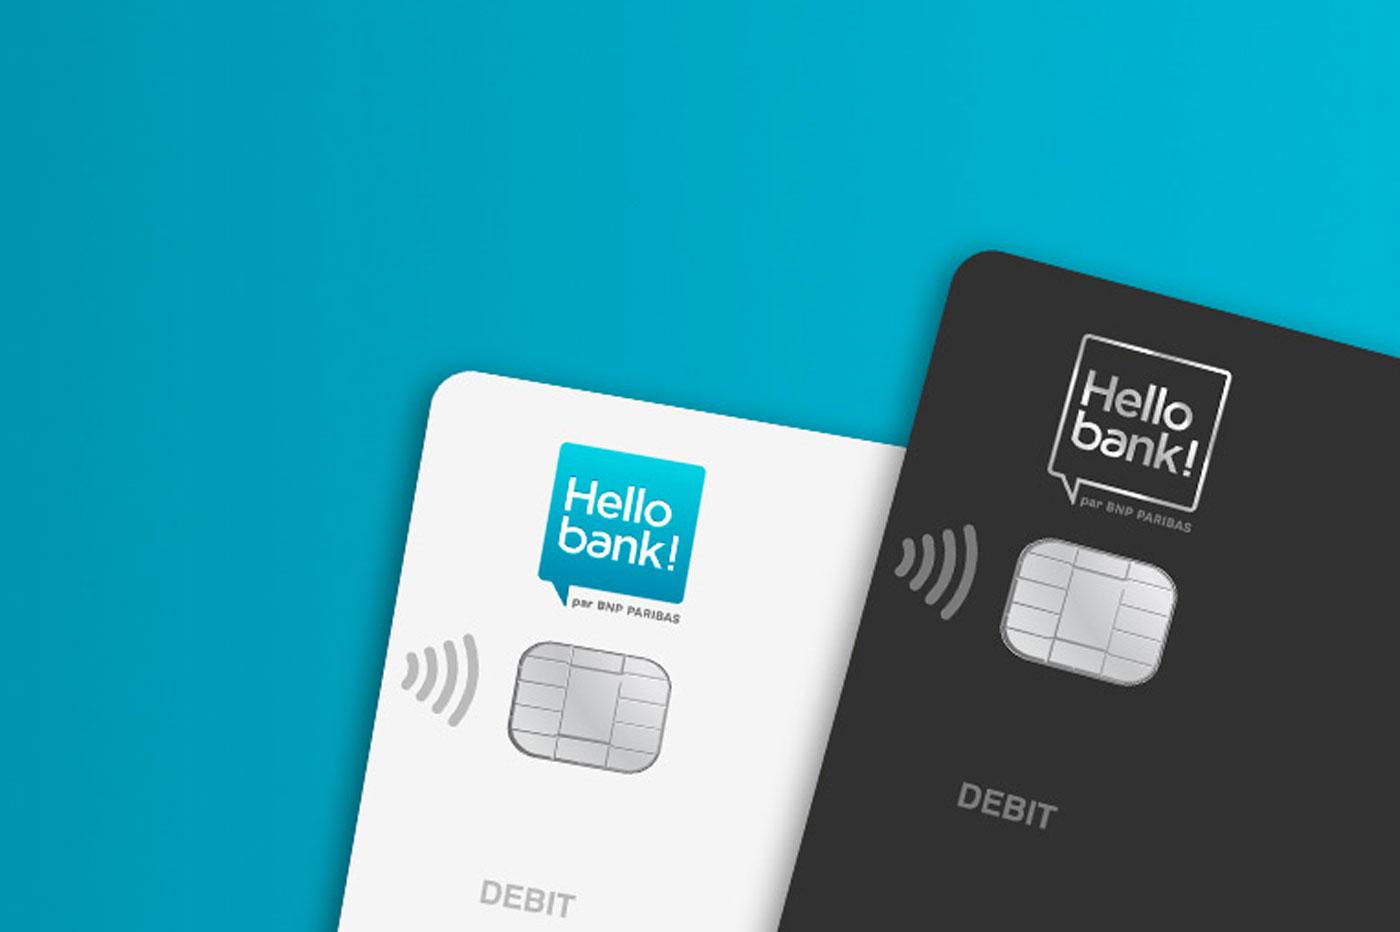 Hello One, nouvelle offre gratuite et sans condition de Hello bank!